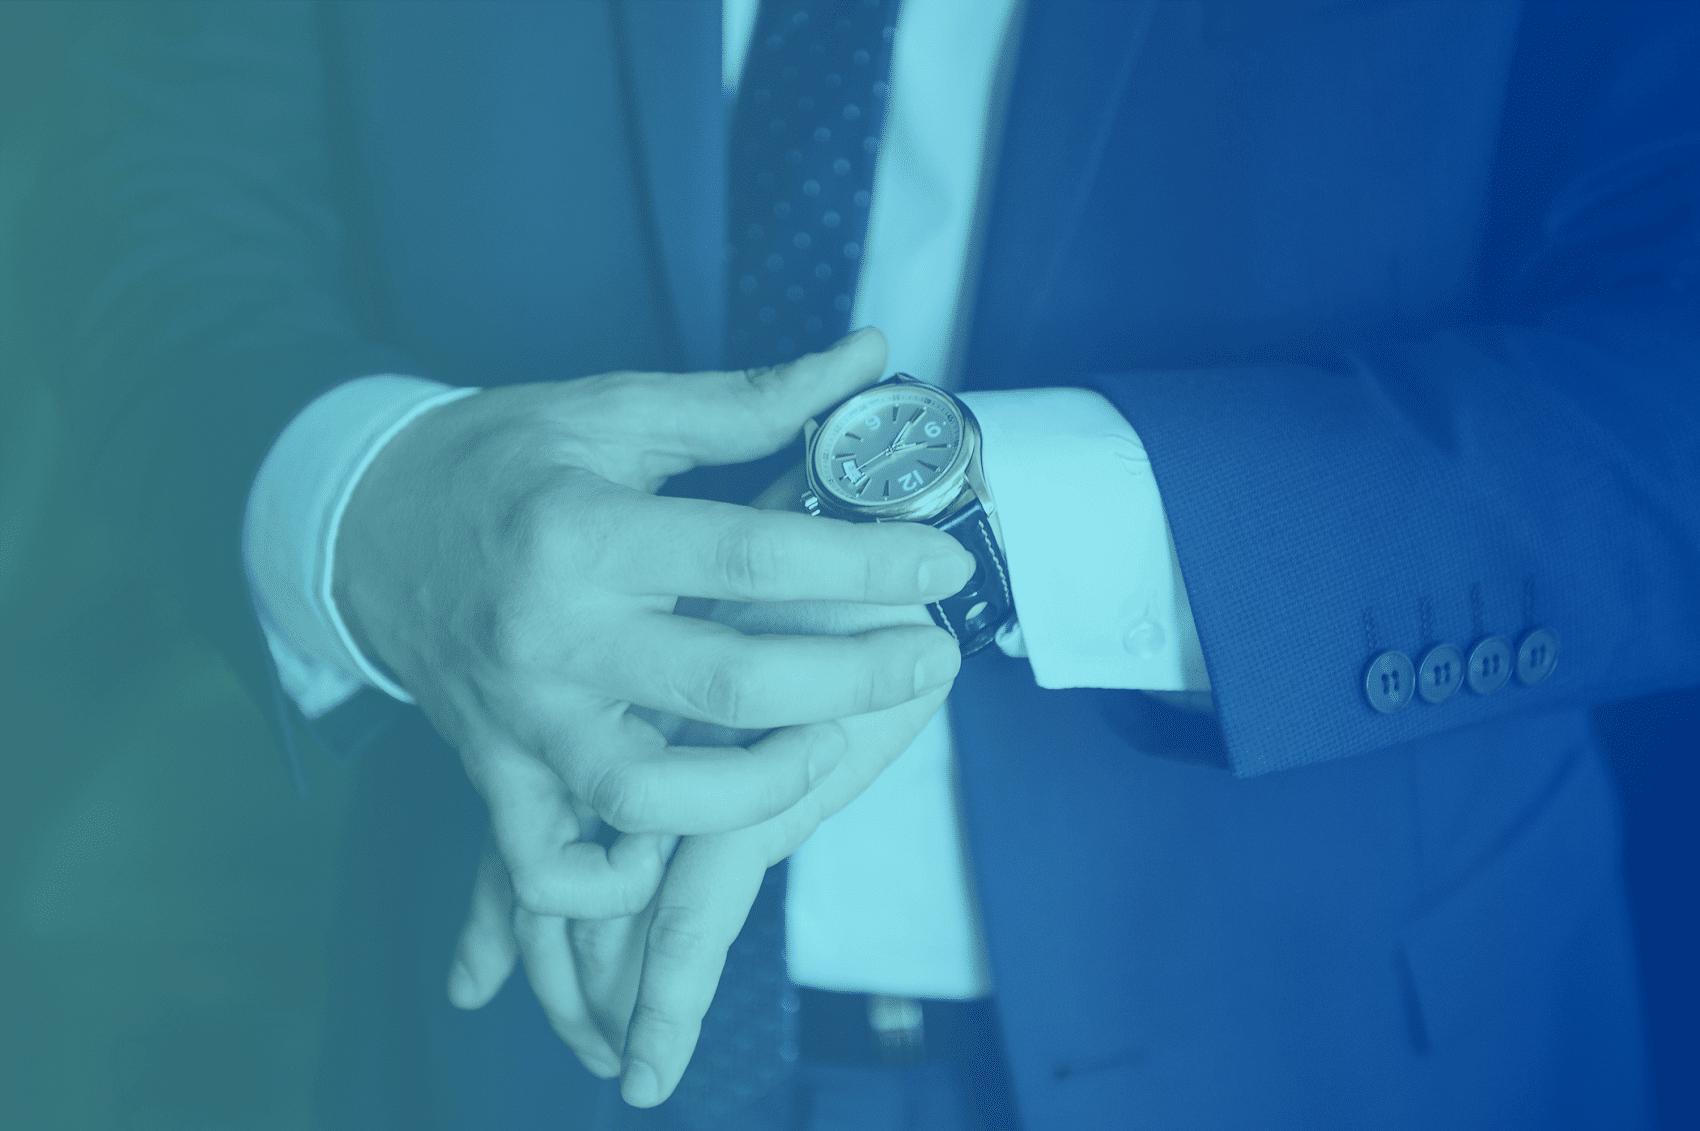 Mes commerciaux perdent du temps sur des leads non qualifiés, que faire?